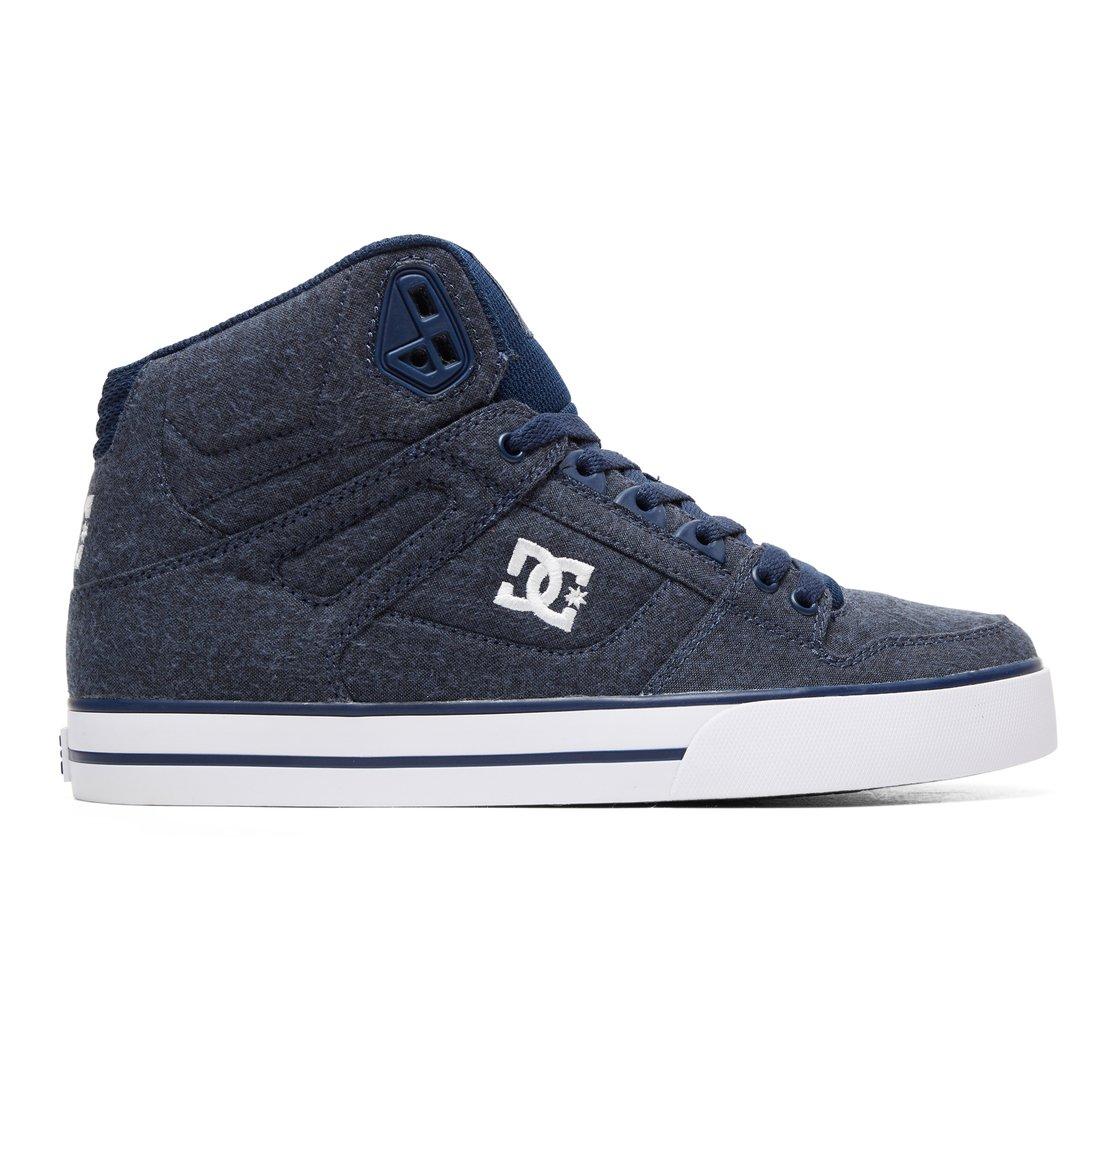 cbc74fdfc527e1 0 Pure WC TX SE - High-Top Shoes Blue ADYS400046 DC Shoes